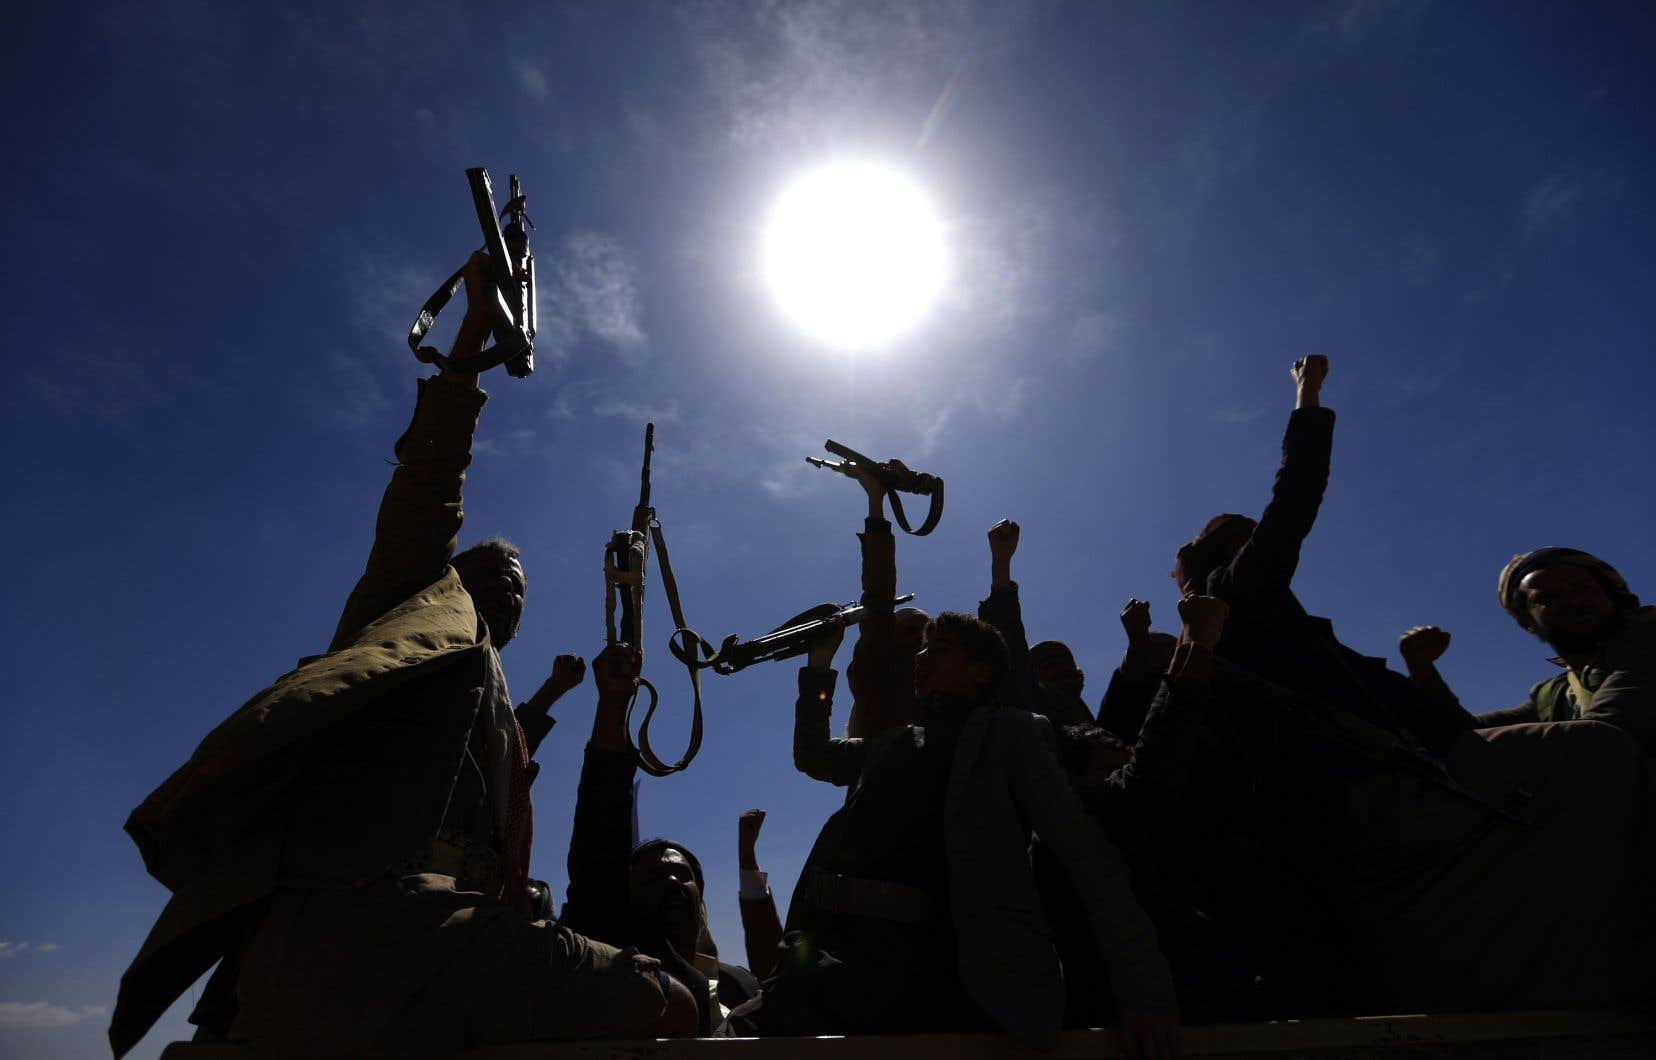 «On est en présence d'une des guerres civiles internationalisées de notre époque, soit un conflit local exacerbé par des acteurs extérieurs mettant en oeuvre des desseins à l'échelle mondiale», écrit l'auteur.